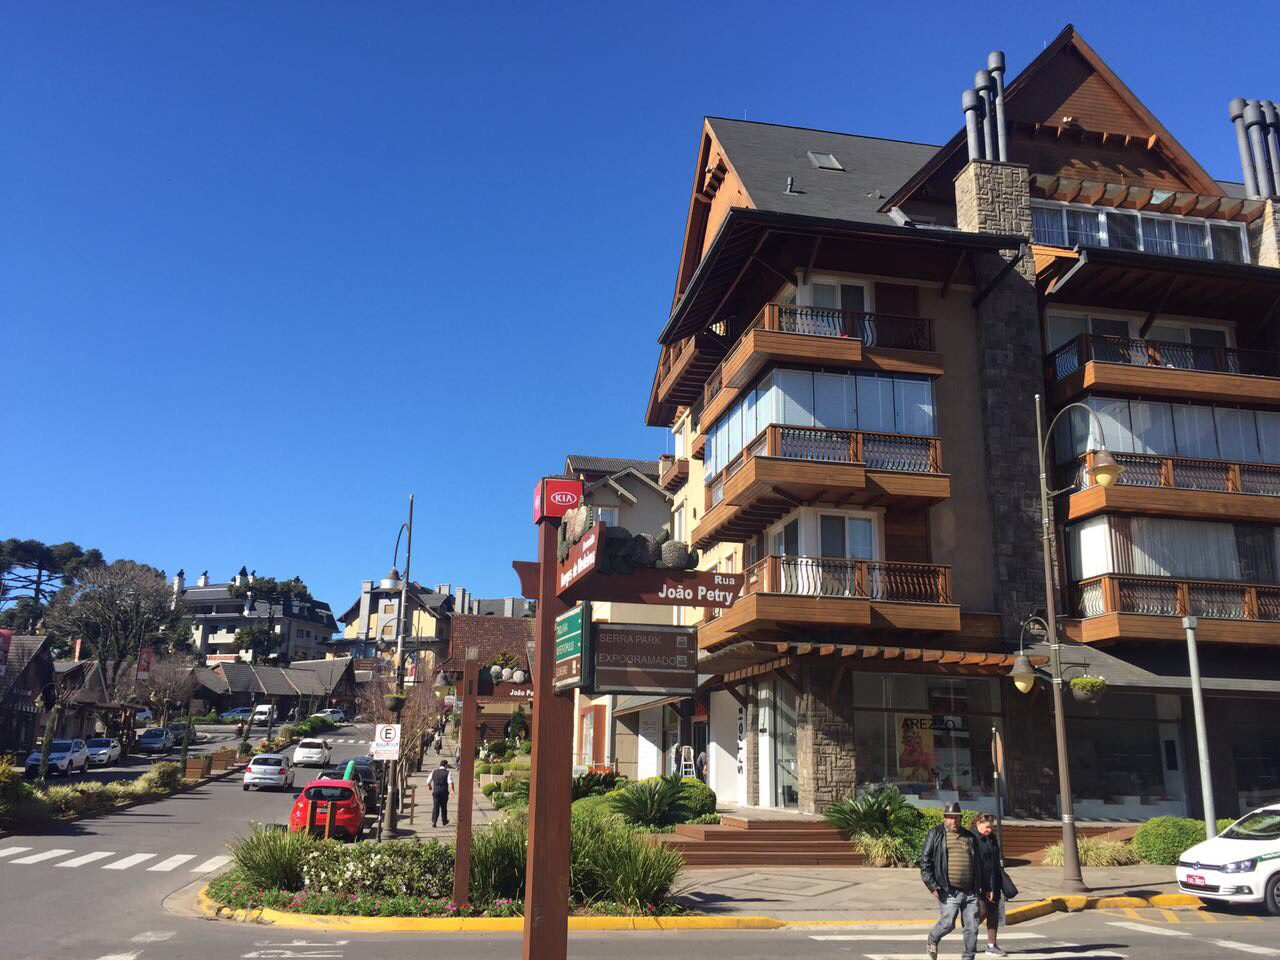 ruas de Gramado em um dia ensolarado